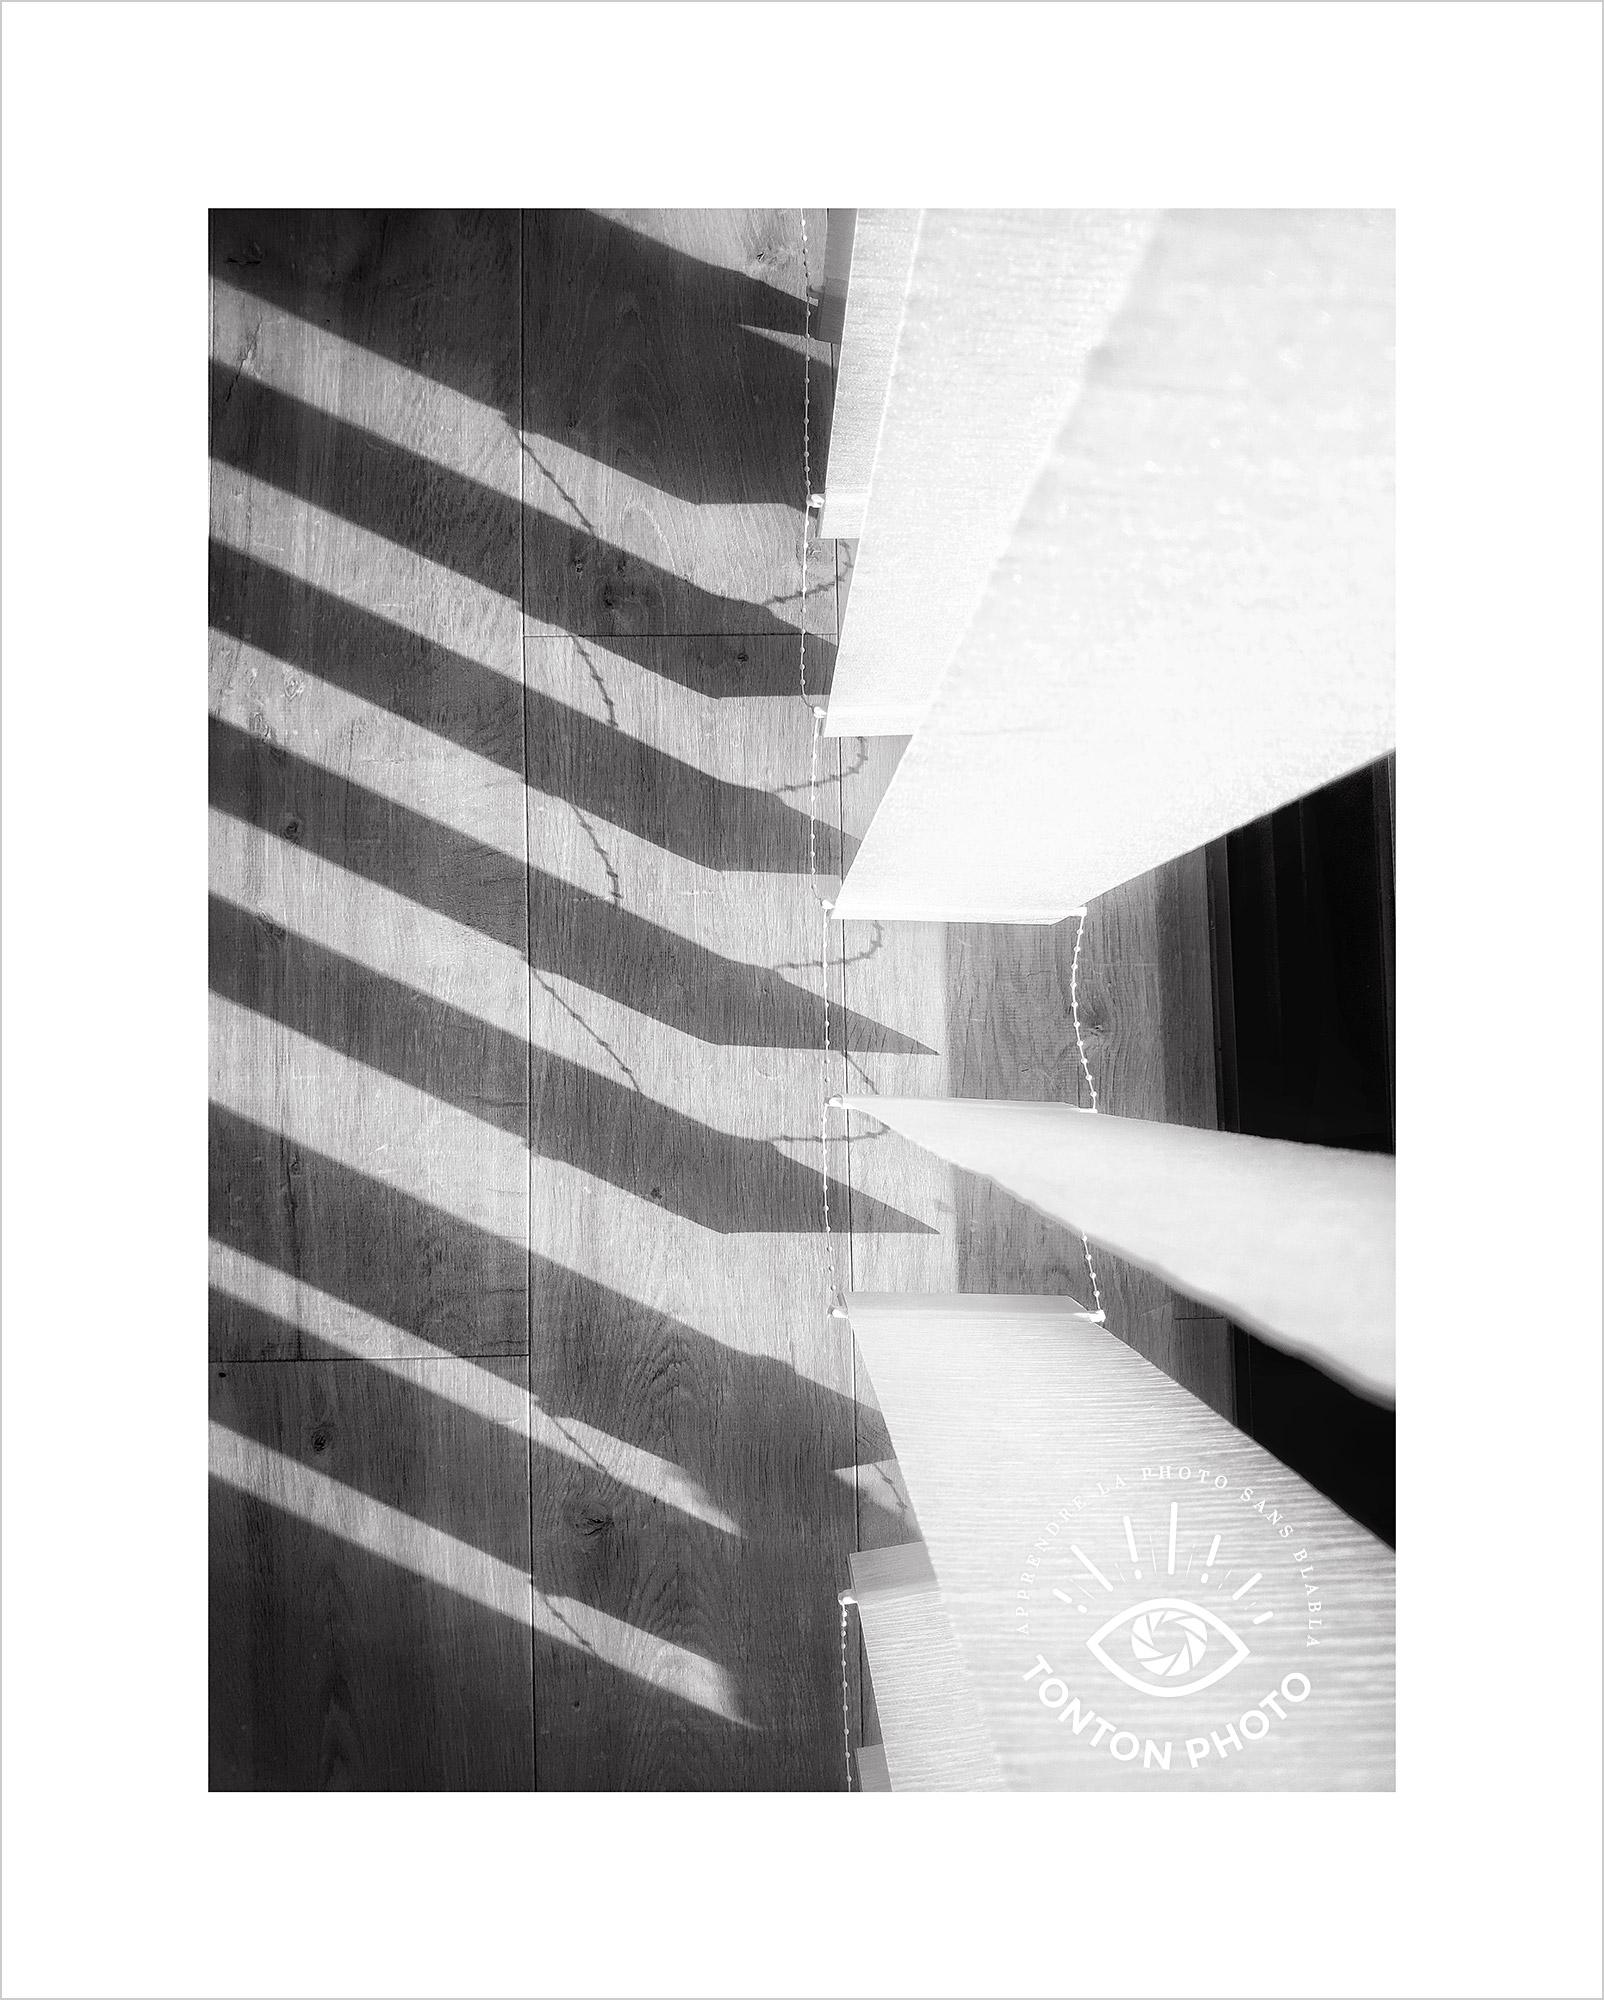 Jeu d'ombre et de lumière avec des rideaux. Photo prise au smartphone Xiaomi Mi Mix 3 © Tonton Photo